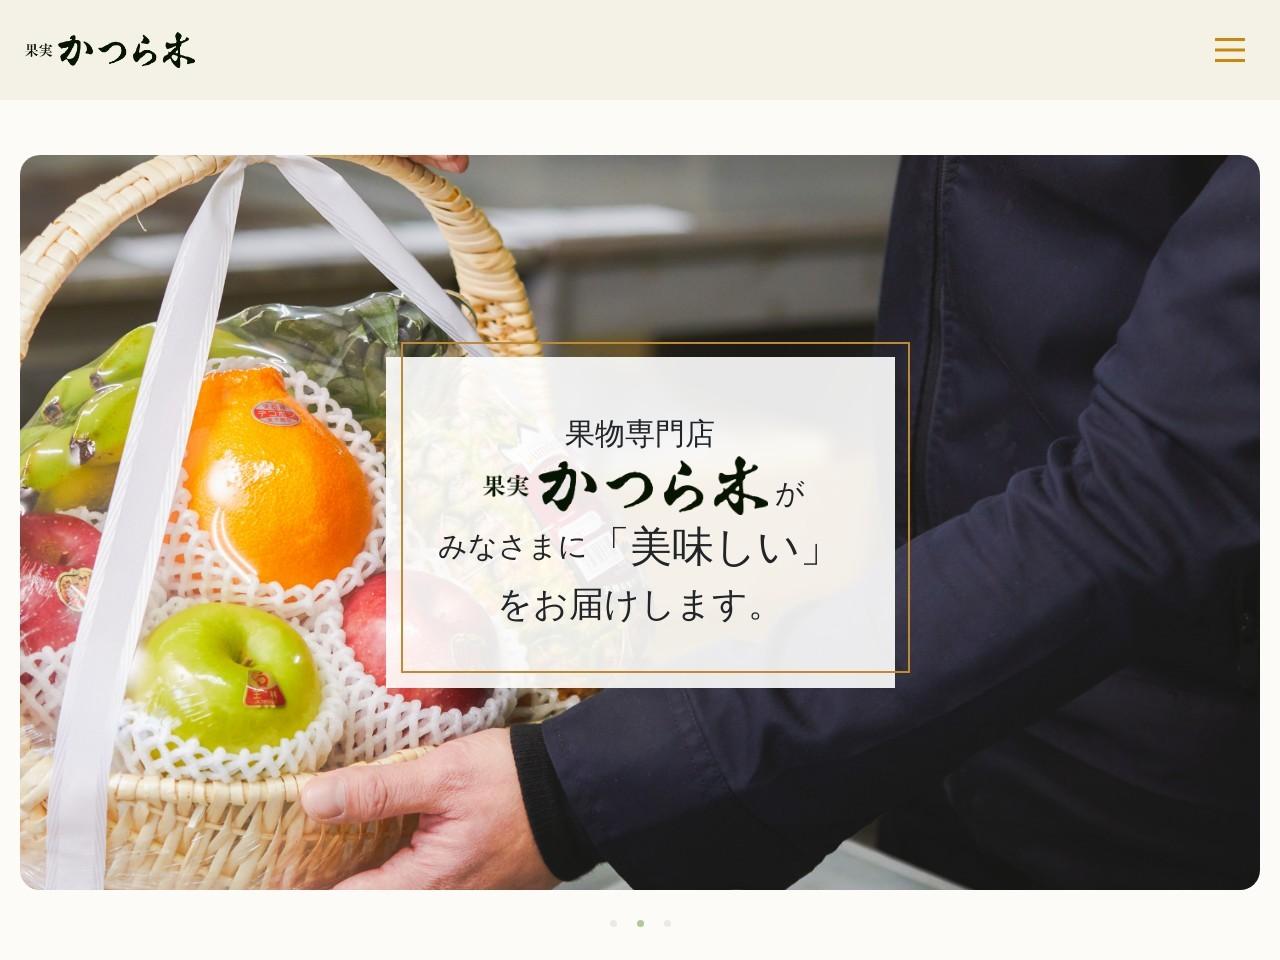 岡山市北区青江 - フルーツショップ かつら木